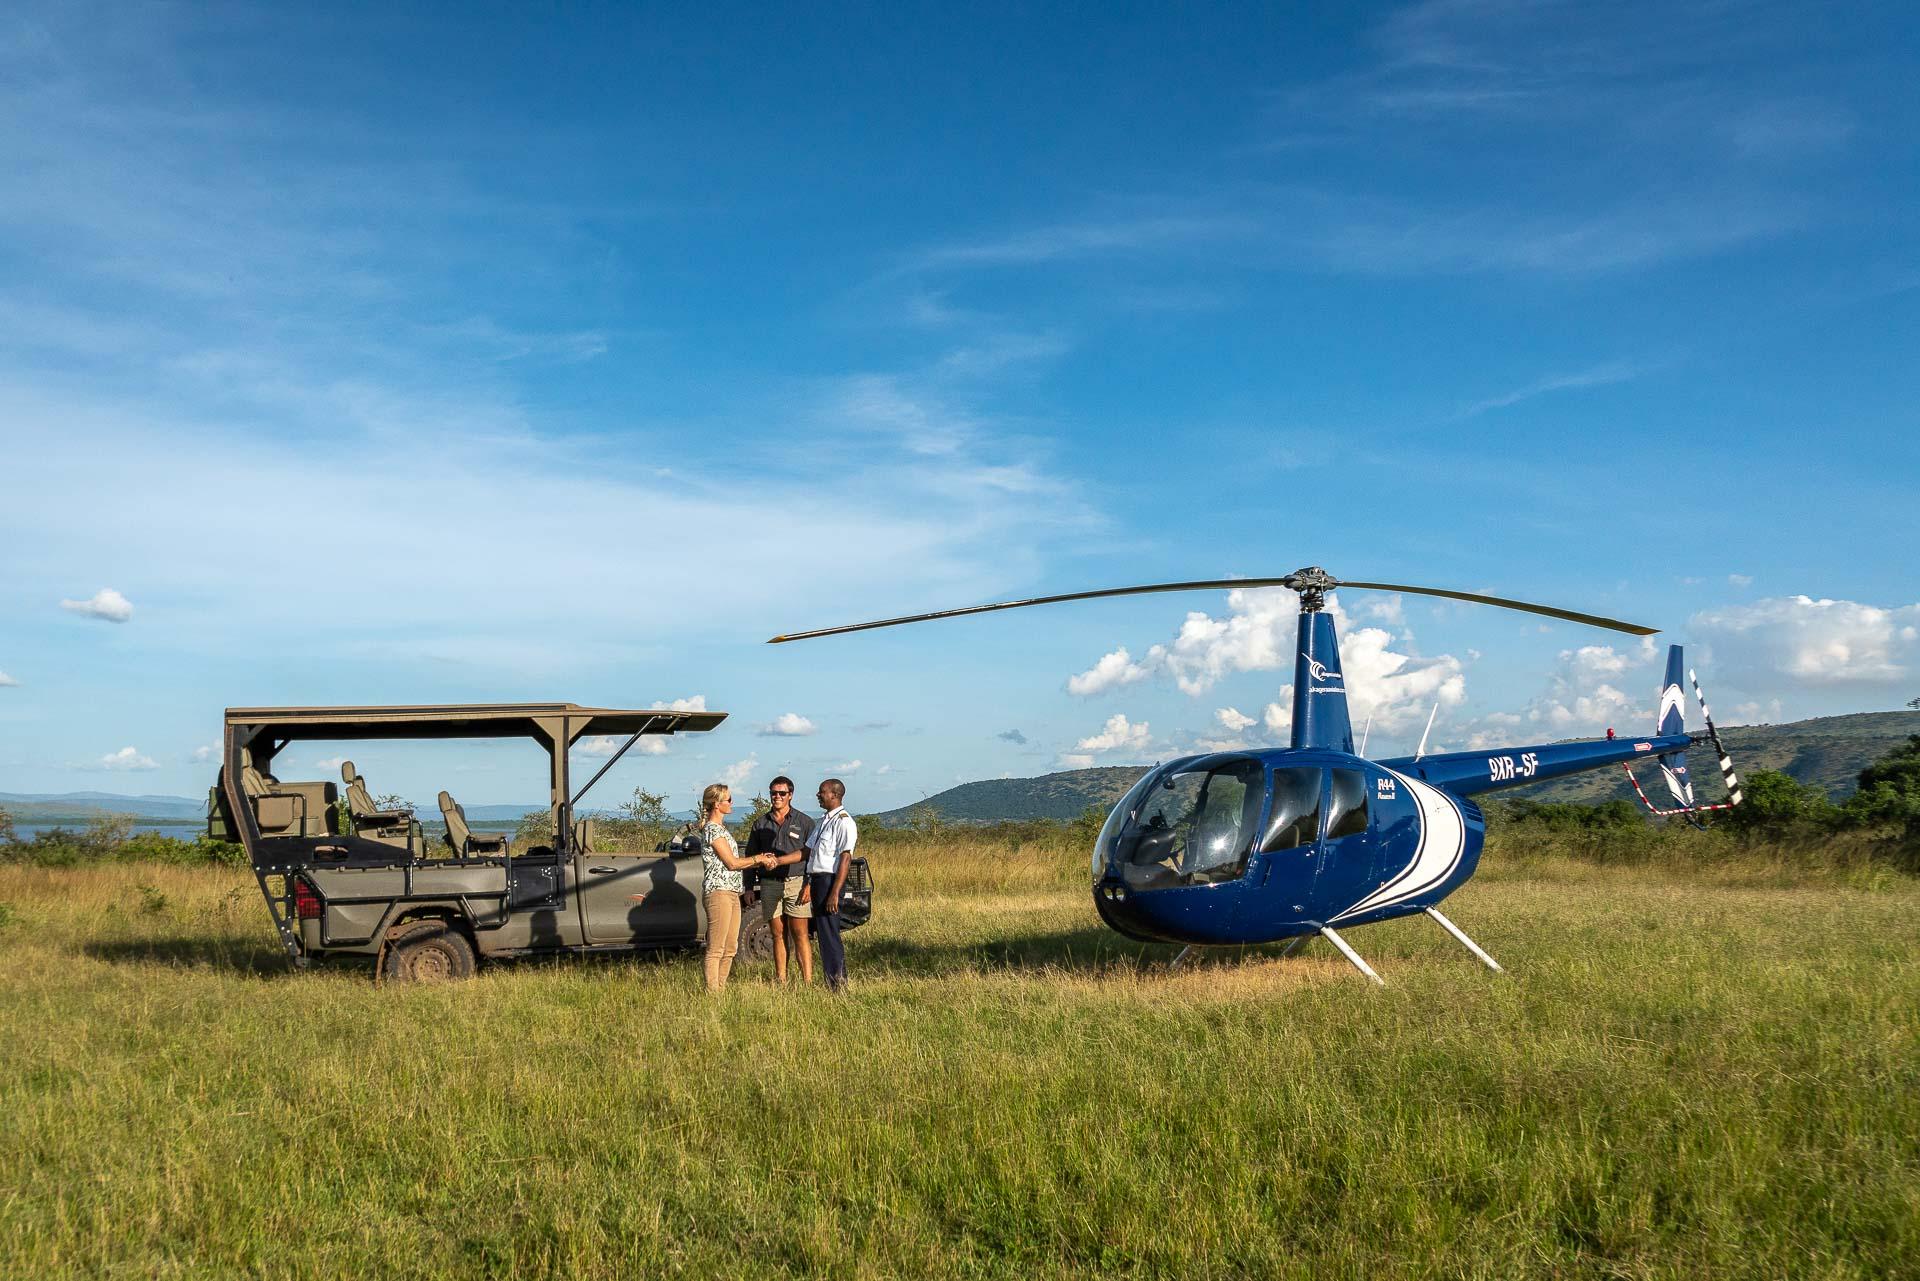 Hélicoptère au dessus des paysages du Rwanda.